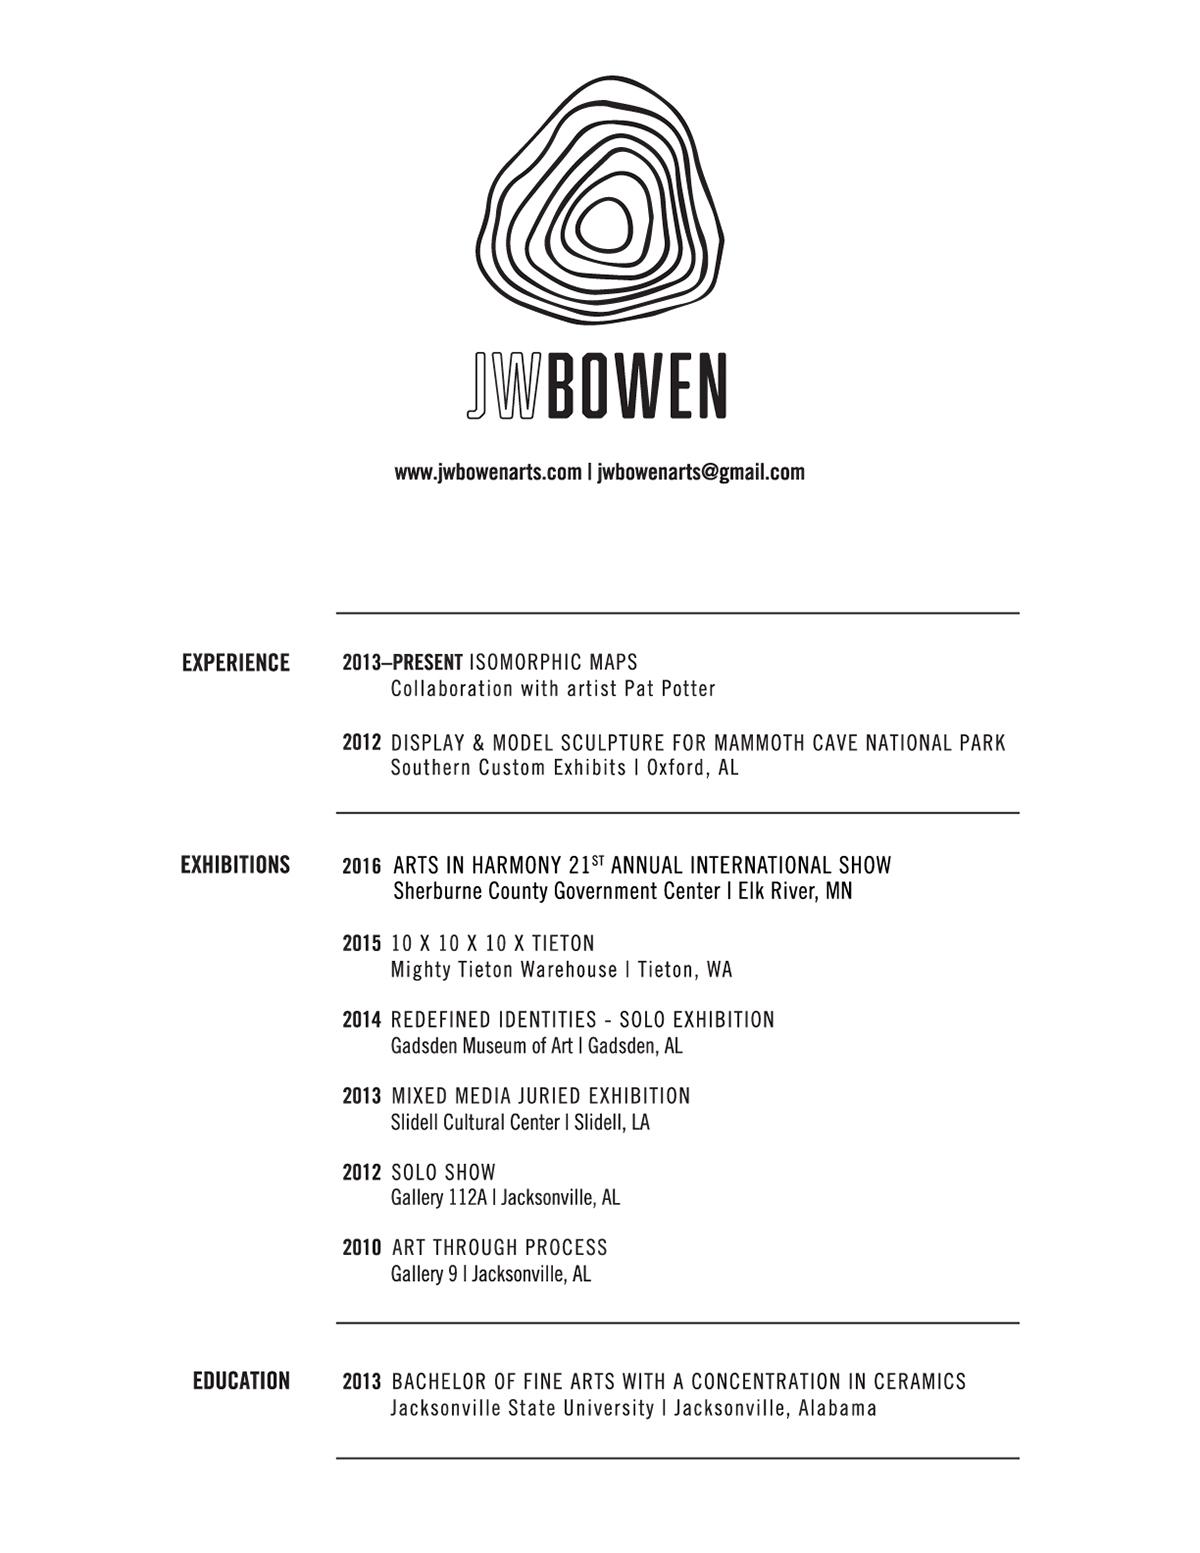 JW BOWEN Sculpture Arts - RÉSUMÉ